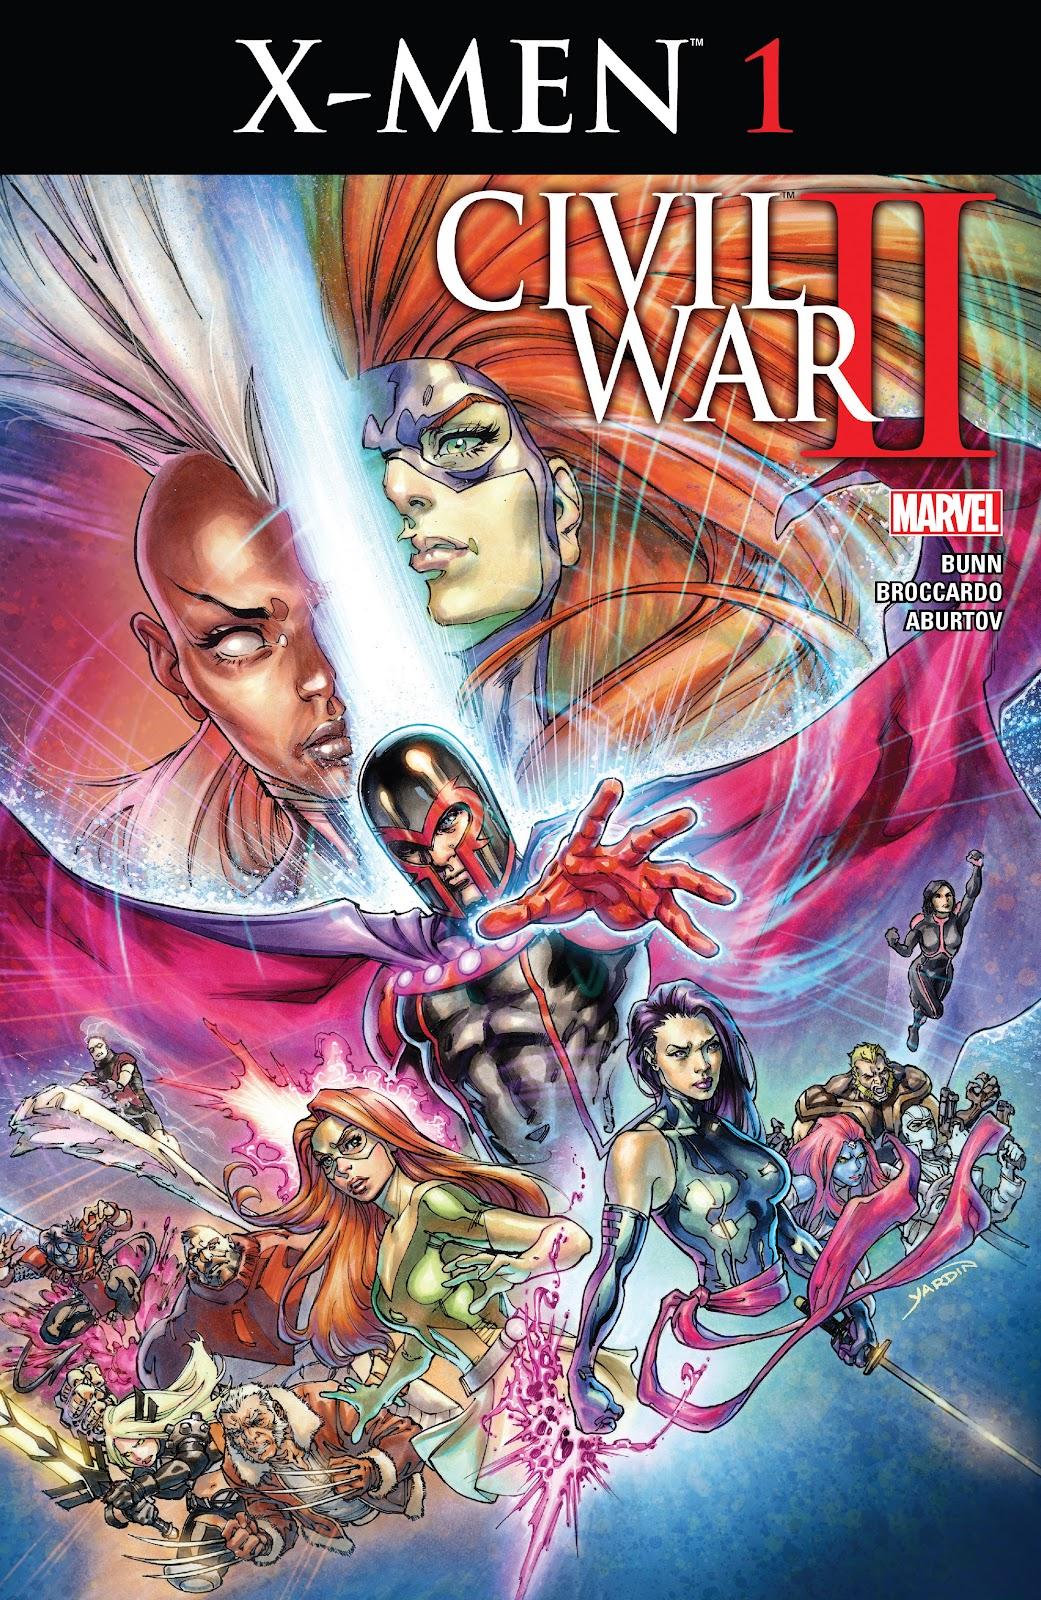 Civil War II: X-Men Issue #1 #1 - English 1